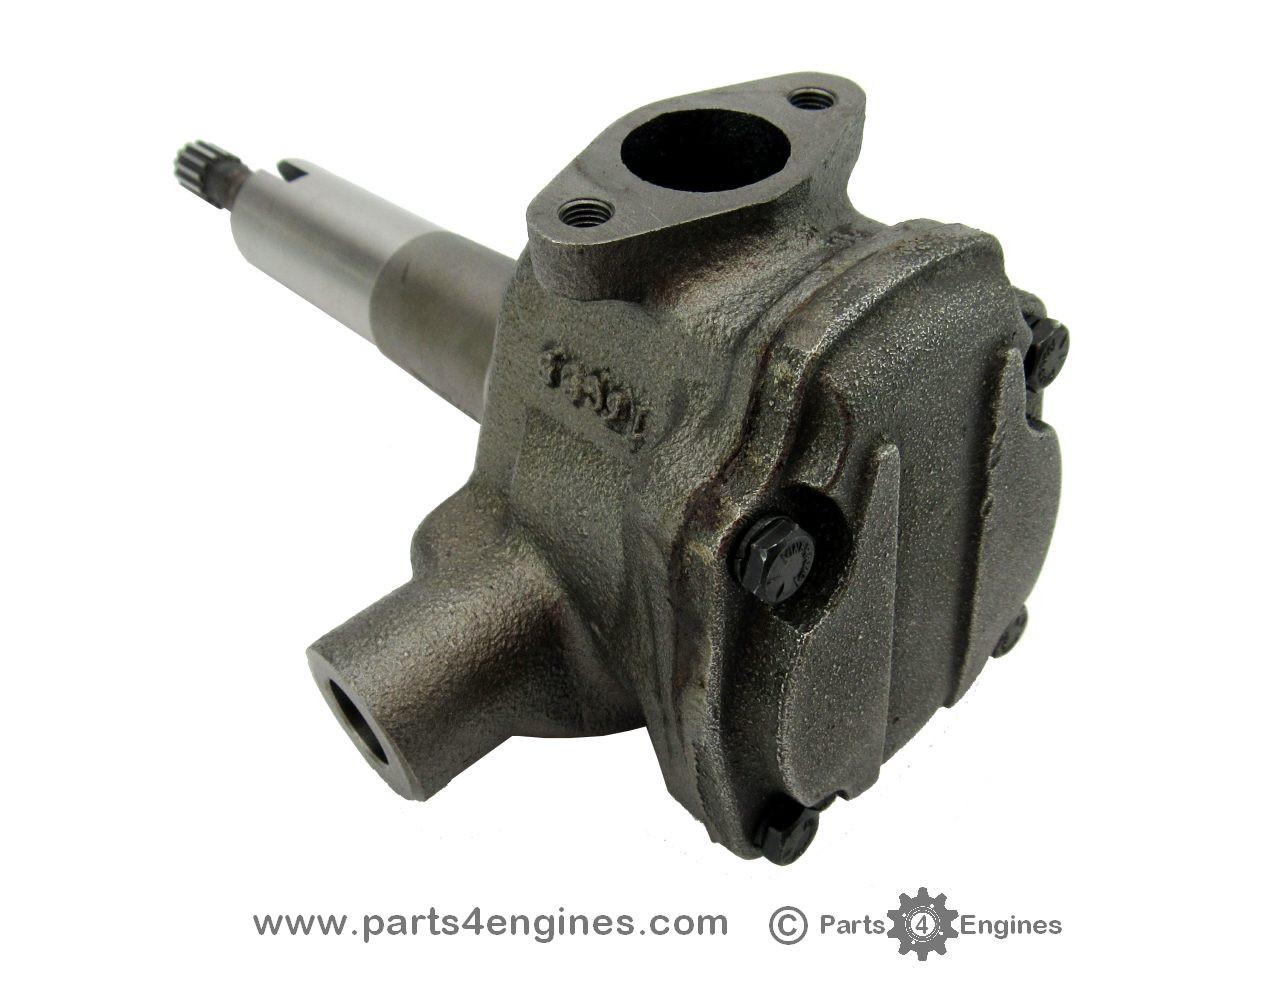 Perkins TC6.3541  oil pump, from parts4engines.com